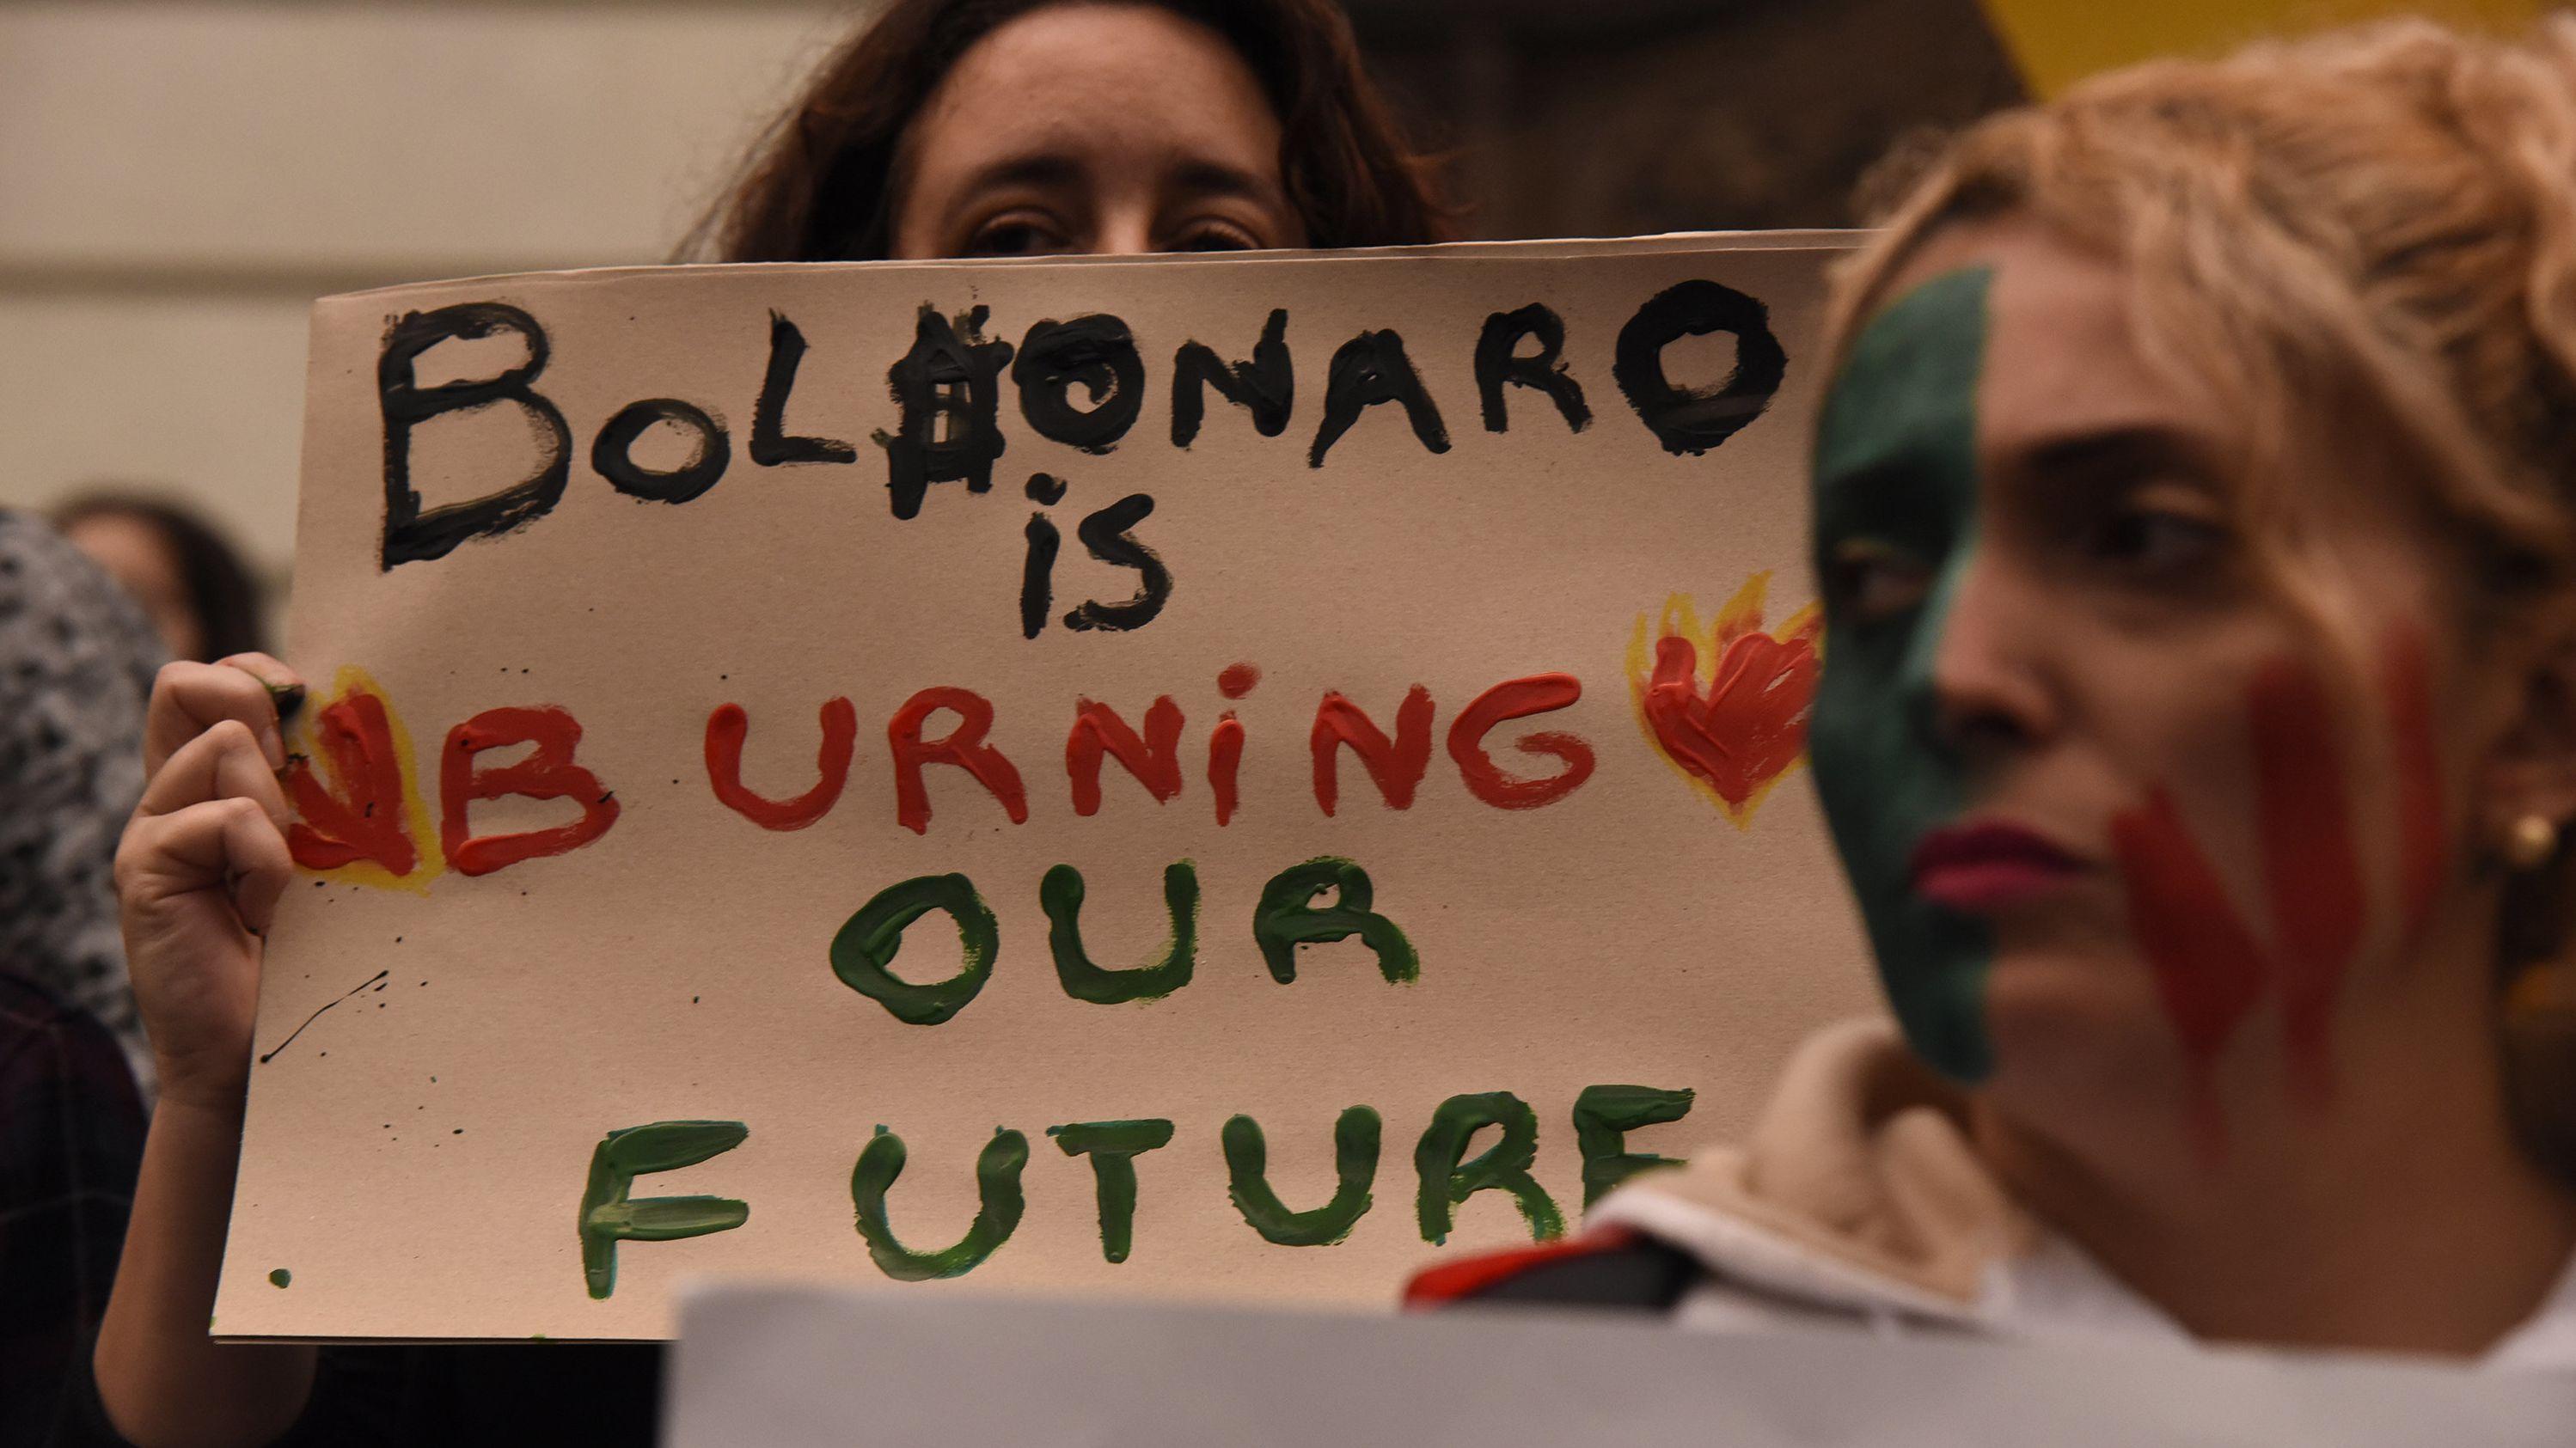 """Eine Frau hält bei einer Demonstration in Rio de Janeiro angesichts der verheerenden Waldbrände am Amazonas ein Schild mit der Aufschrift """"Bolsonaro ist burning our Future"""" (""""Bolsonaro verbrennt unsere Zukunft"""")."""